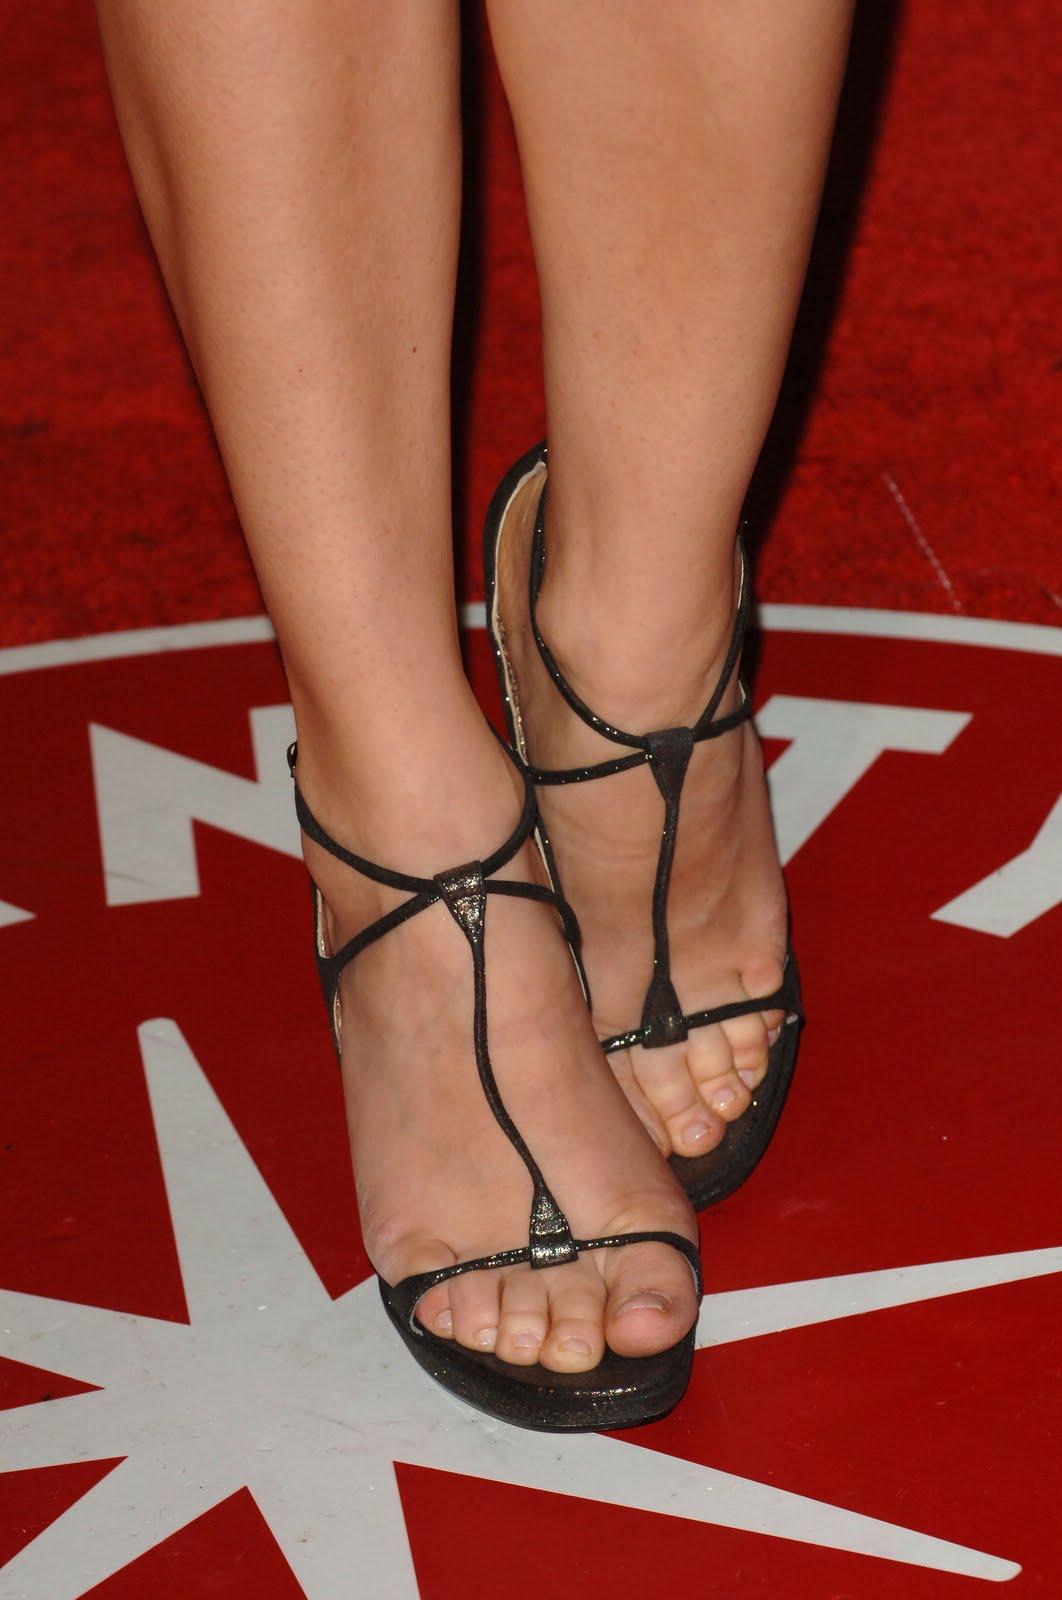 http://3.bp.blogspot.com/_UaLWp72nij4/S7GMEfGuKjI/AAAAAAAAFtE/pV0zEiRProQ/s1600/diane-kruger-feet.jpg